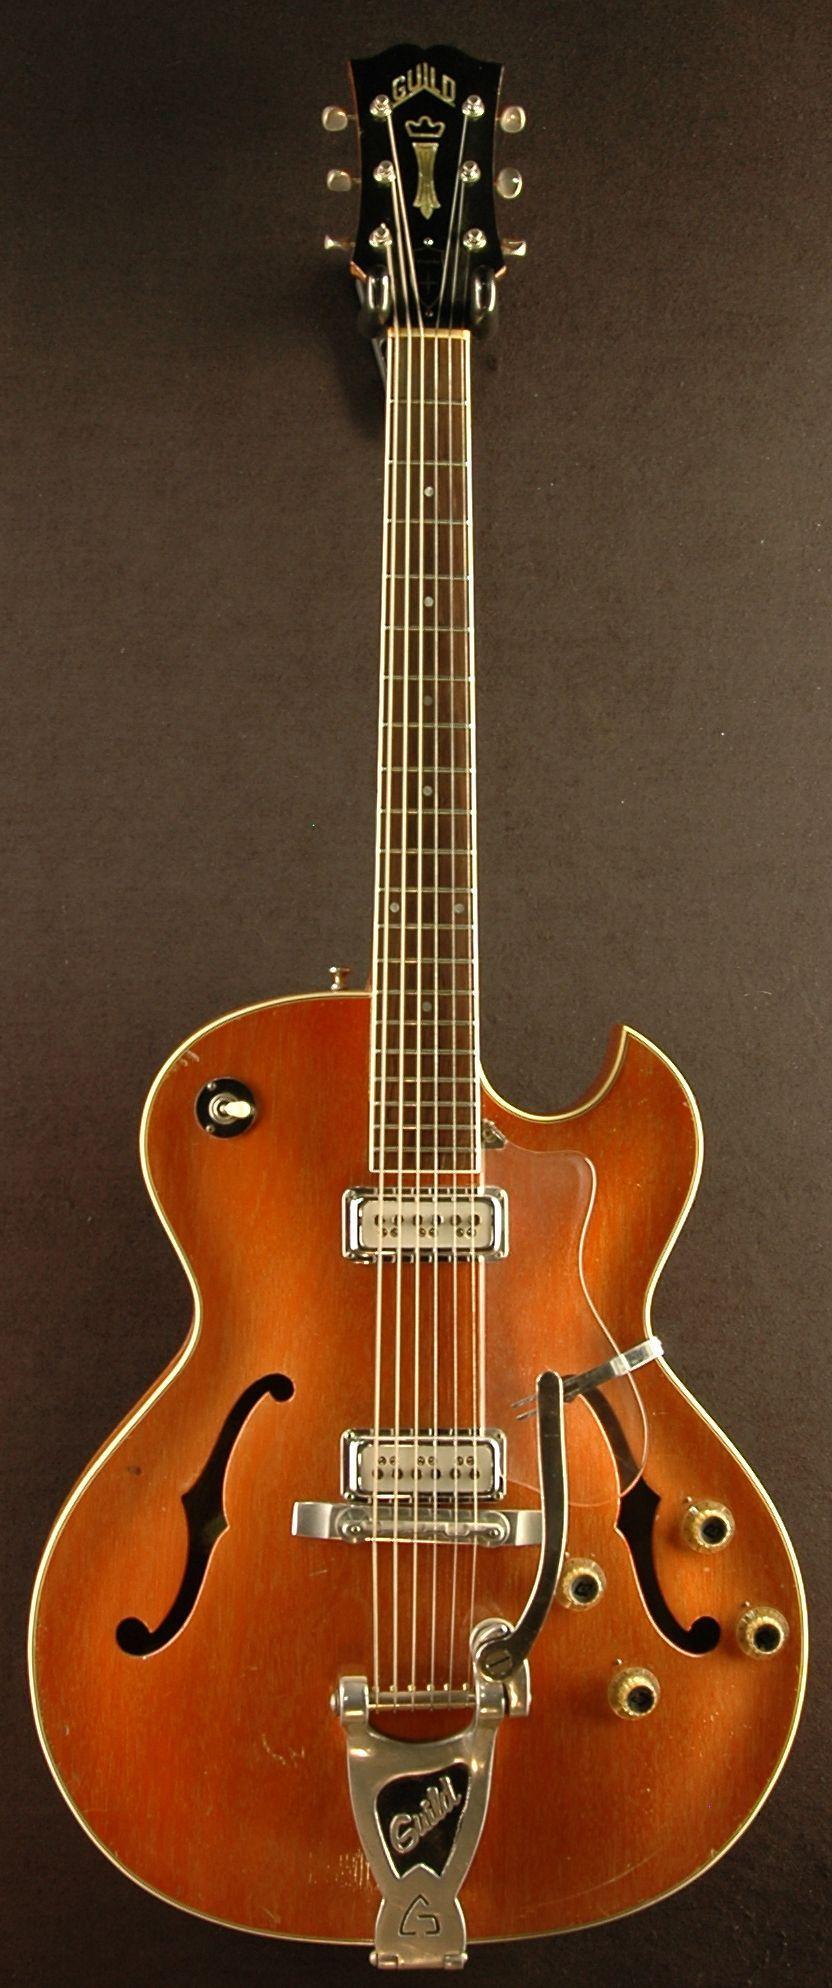 Electric Versus Acoustic Guitar Guitar, Guild guitars